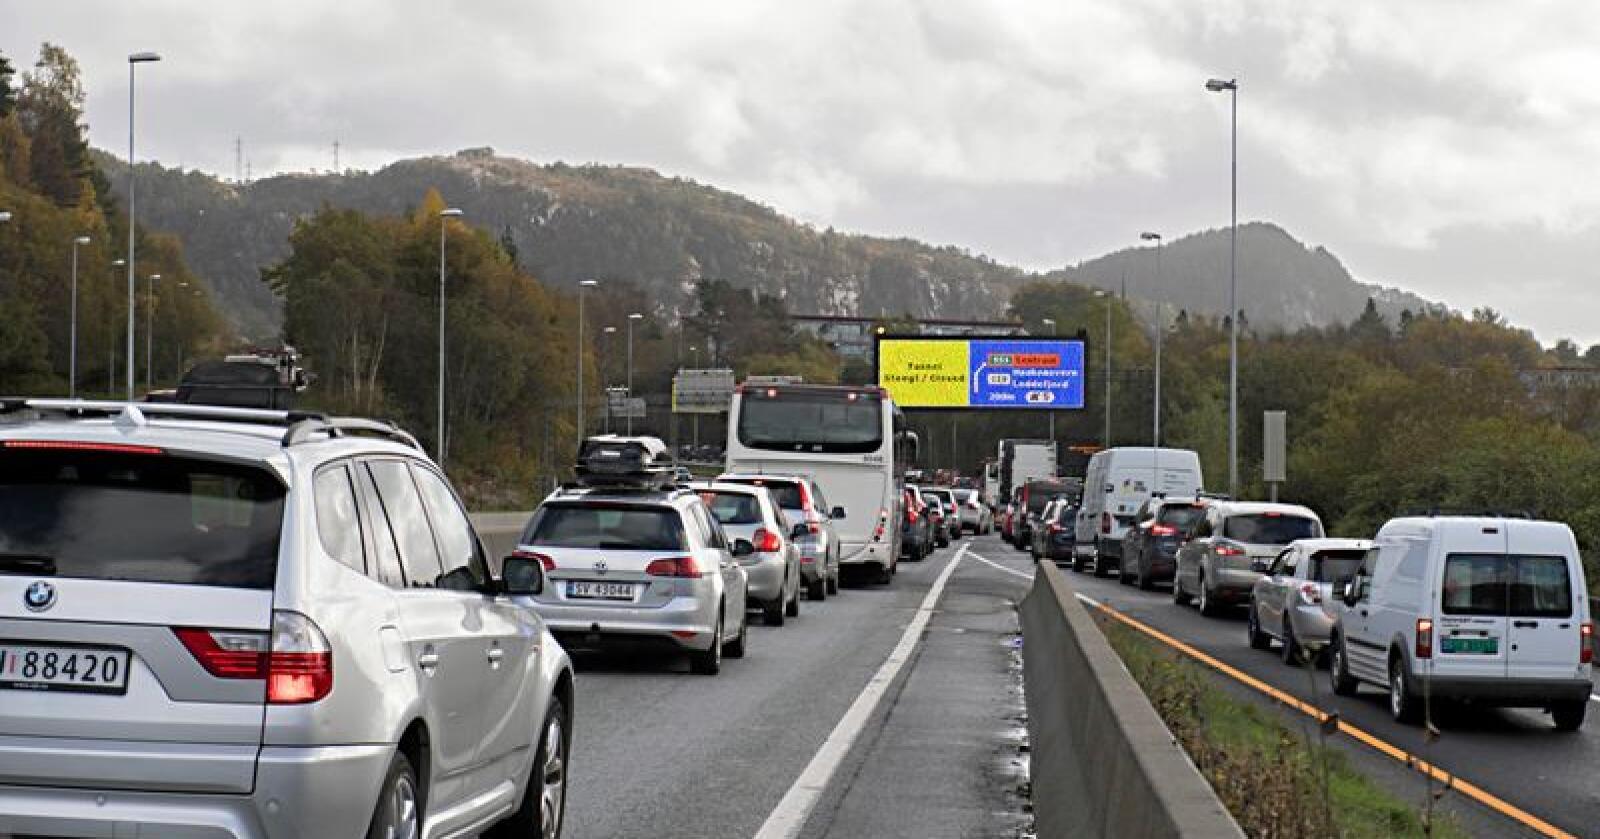 Lysa langs vegen i Bergen kan vere finansiert gjennom ulovleg statsstøtte. No skal ESA undersøke saken. Foto: Marit Hommedal / NTB scanpix